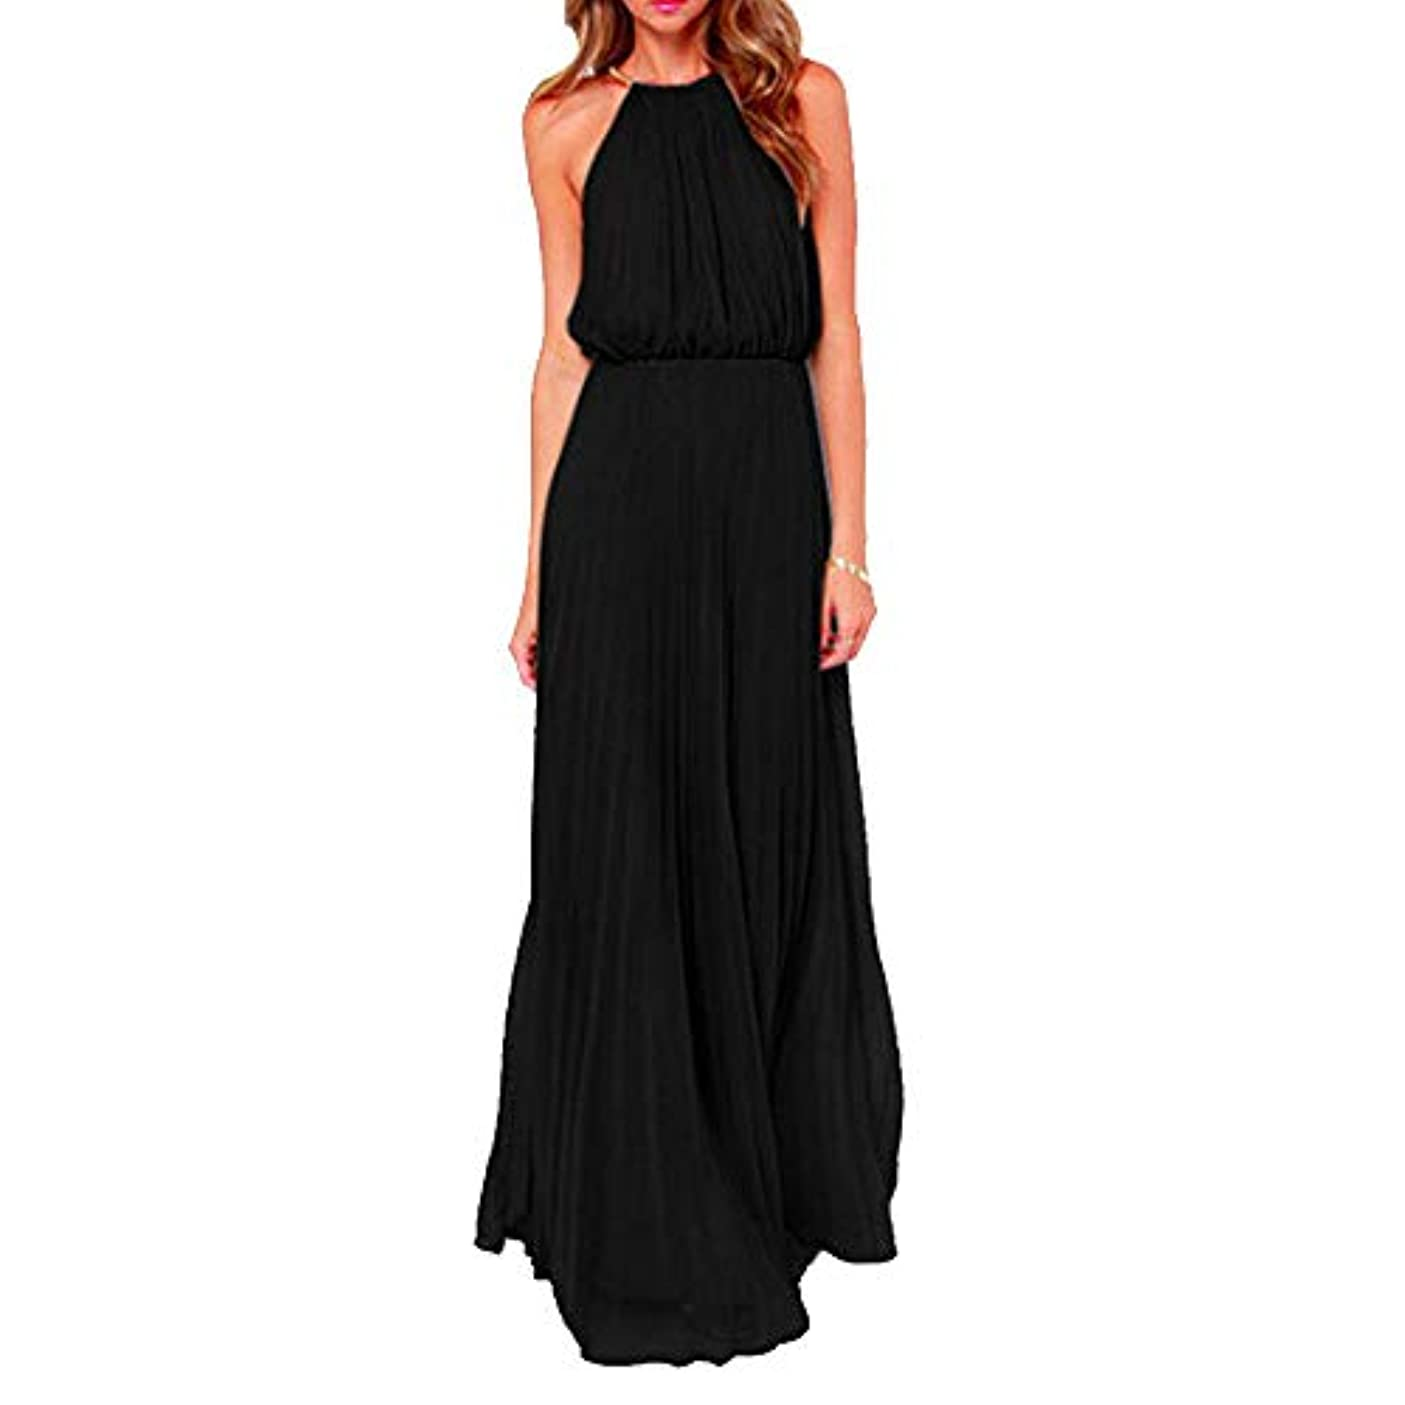 MIFANロングドレス、セクシーなドレス、エレガント、女性のファッション、ノースリーブのドレス、ファッションドレス、ニット、スリム